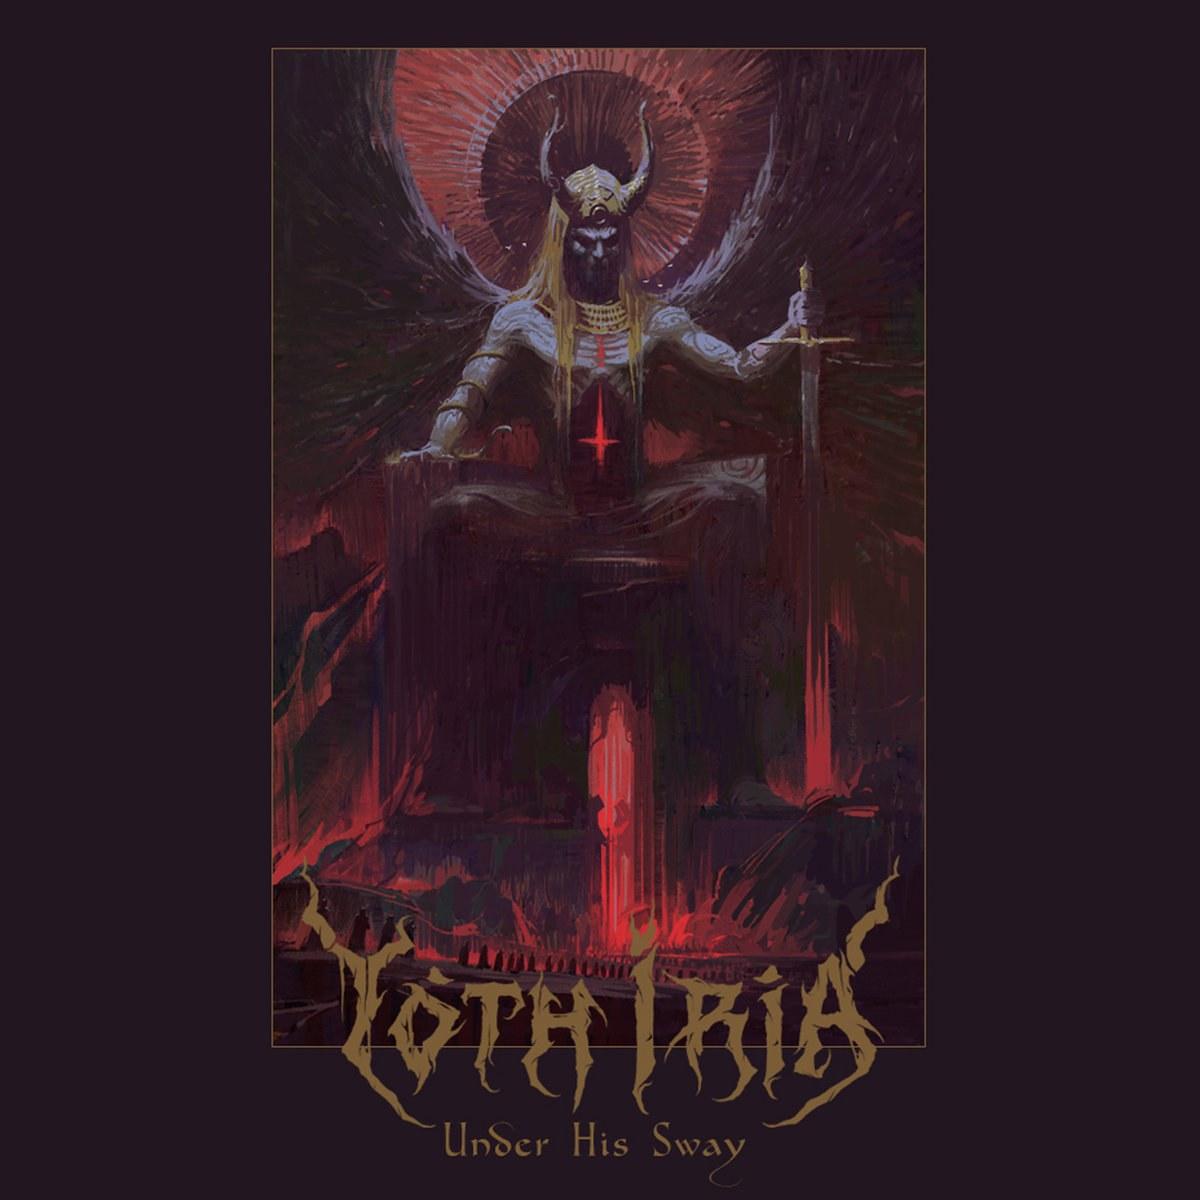 Yoth Iria - Under His Sway